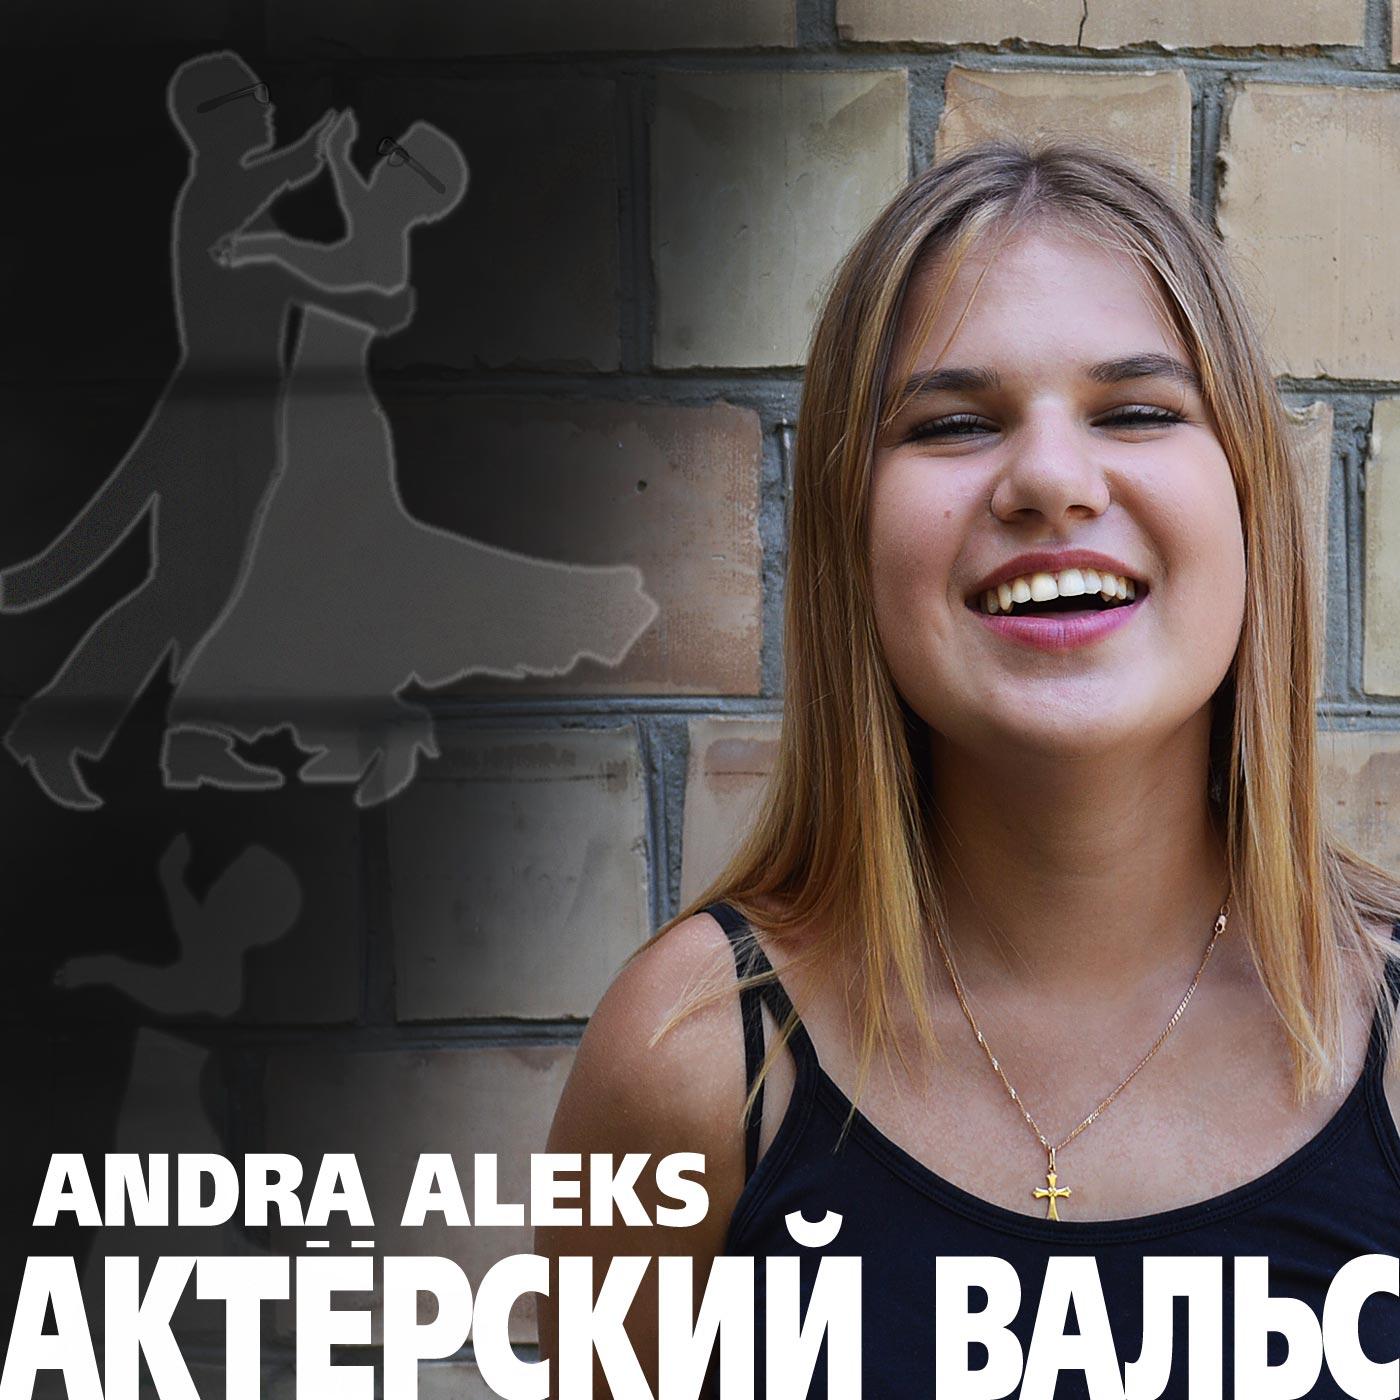 """Andra Aleks – Актёрский вальс  у творчій екосистемі """"Музика"""""""